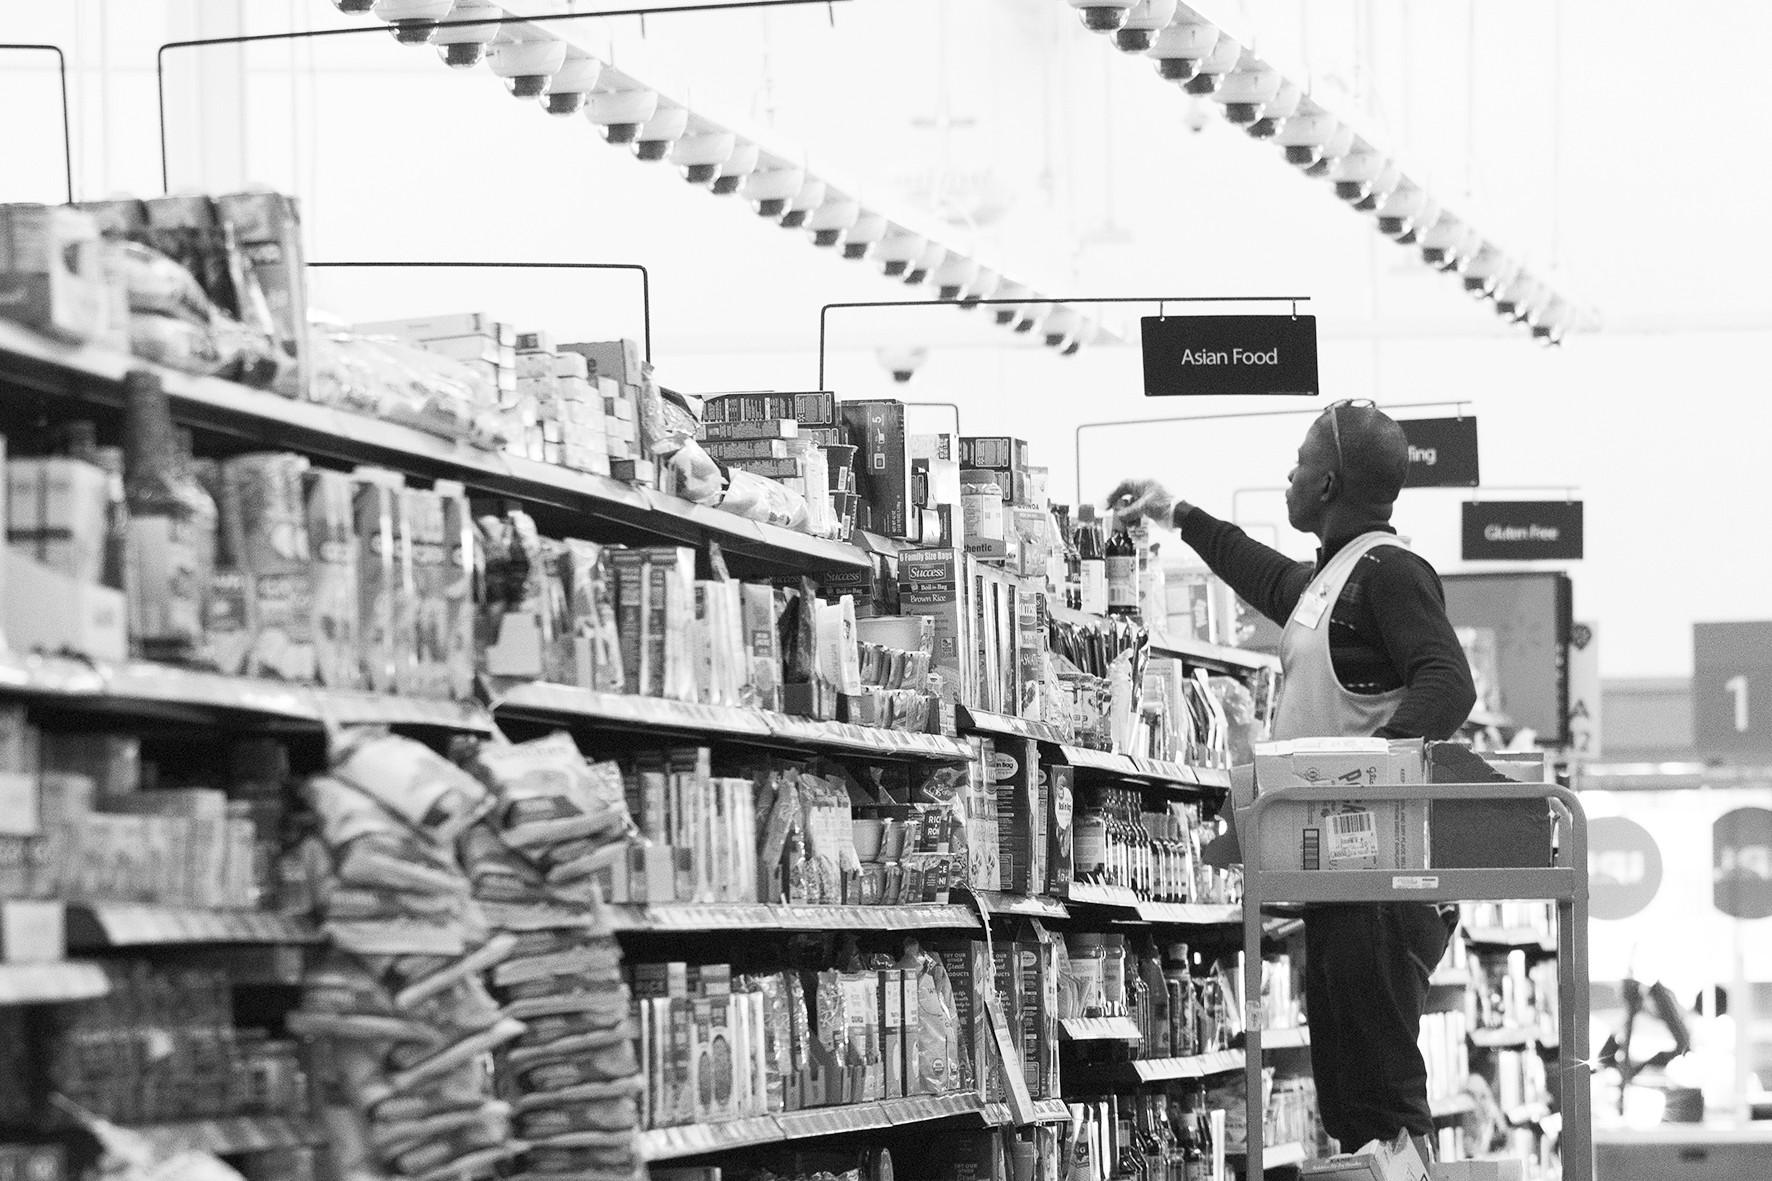 图片新闻:AI超市